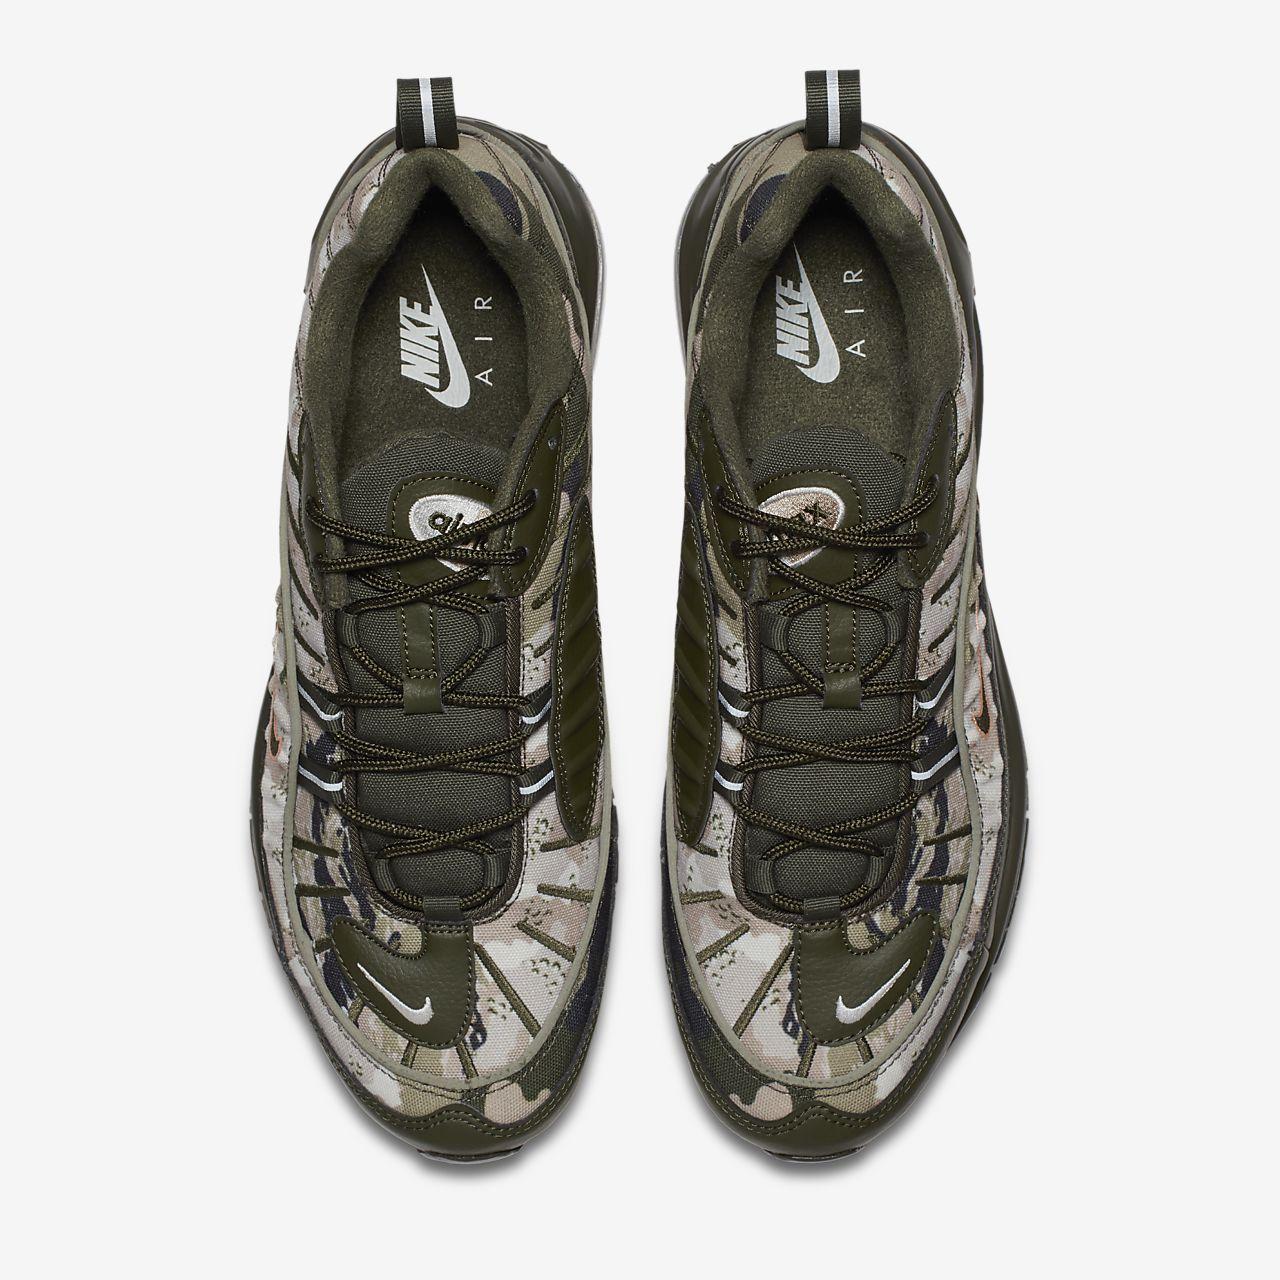 premium selection 6c891 6fc94 ... Nike Air Max 98 Men s Shoe